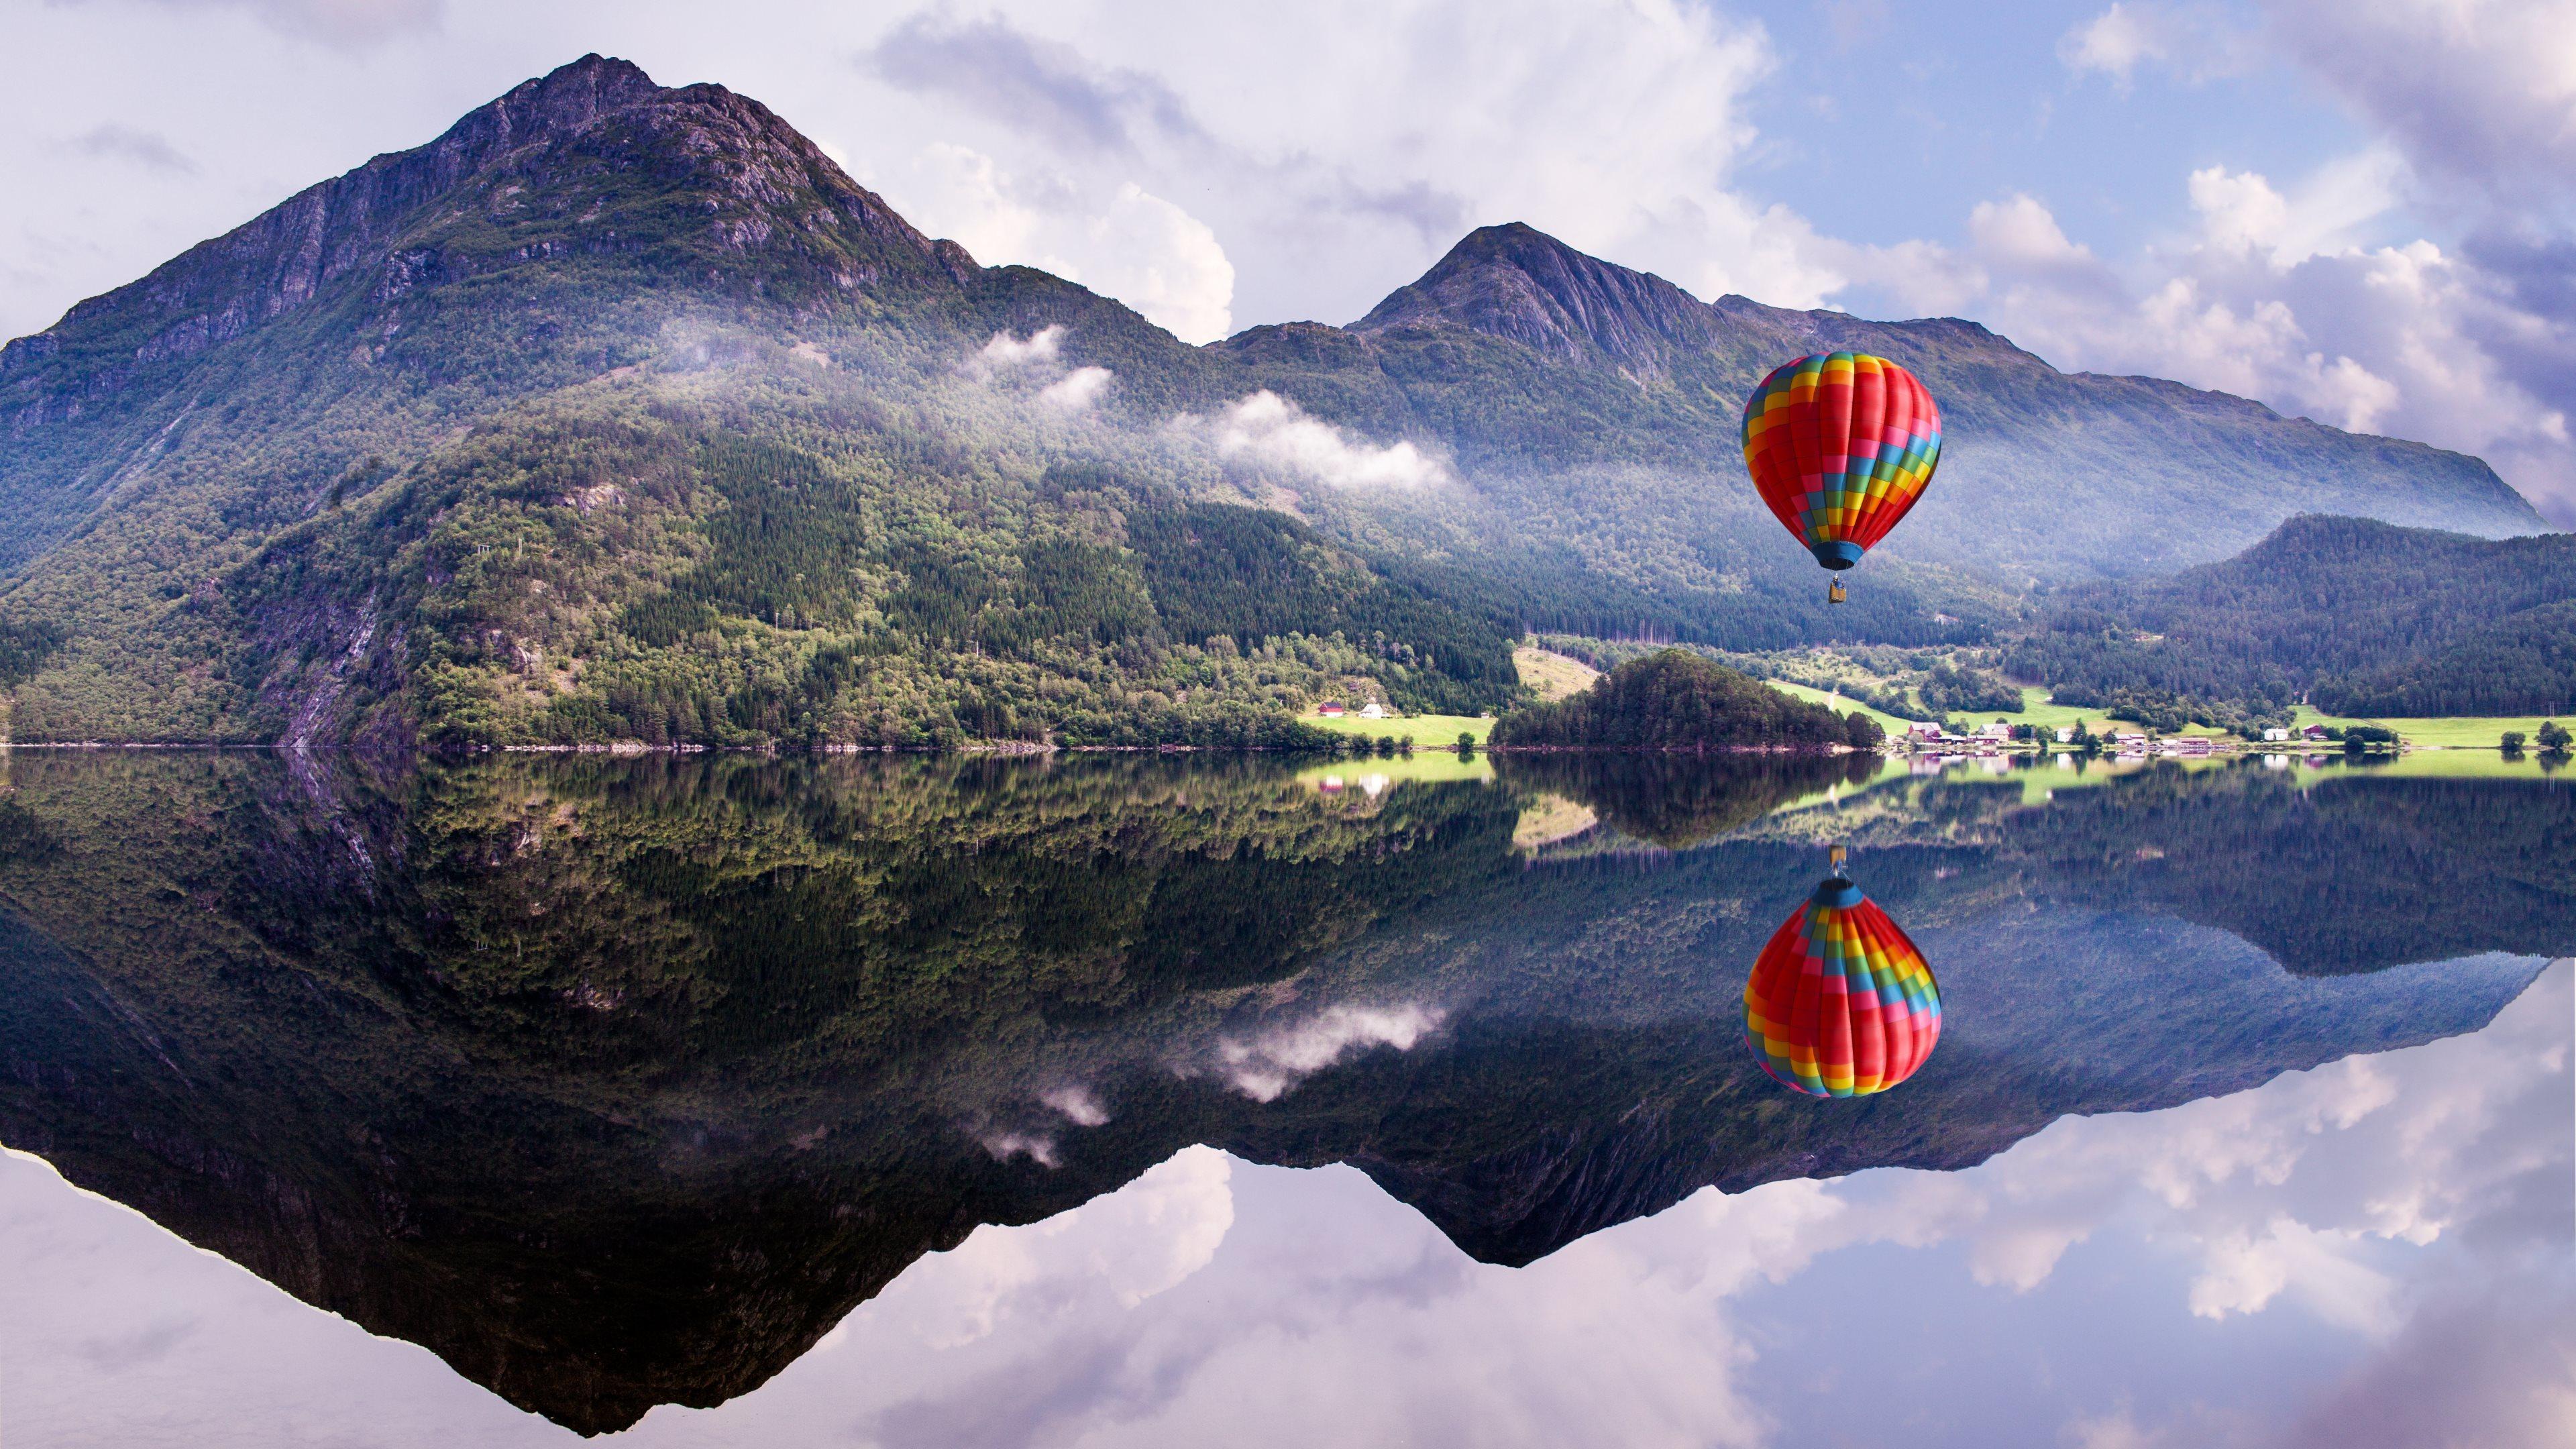 природа деревья архитектура мост воздушные шары аэростаты nature trees architecture the bridge air balls balloons  № 2627641 без смс